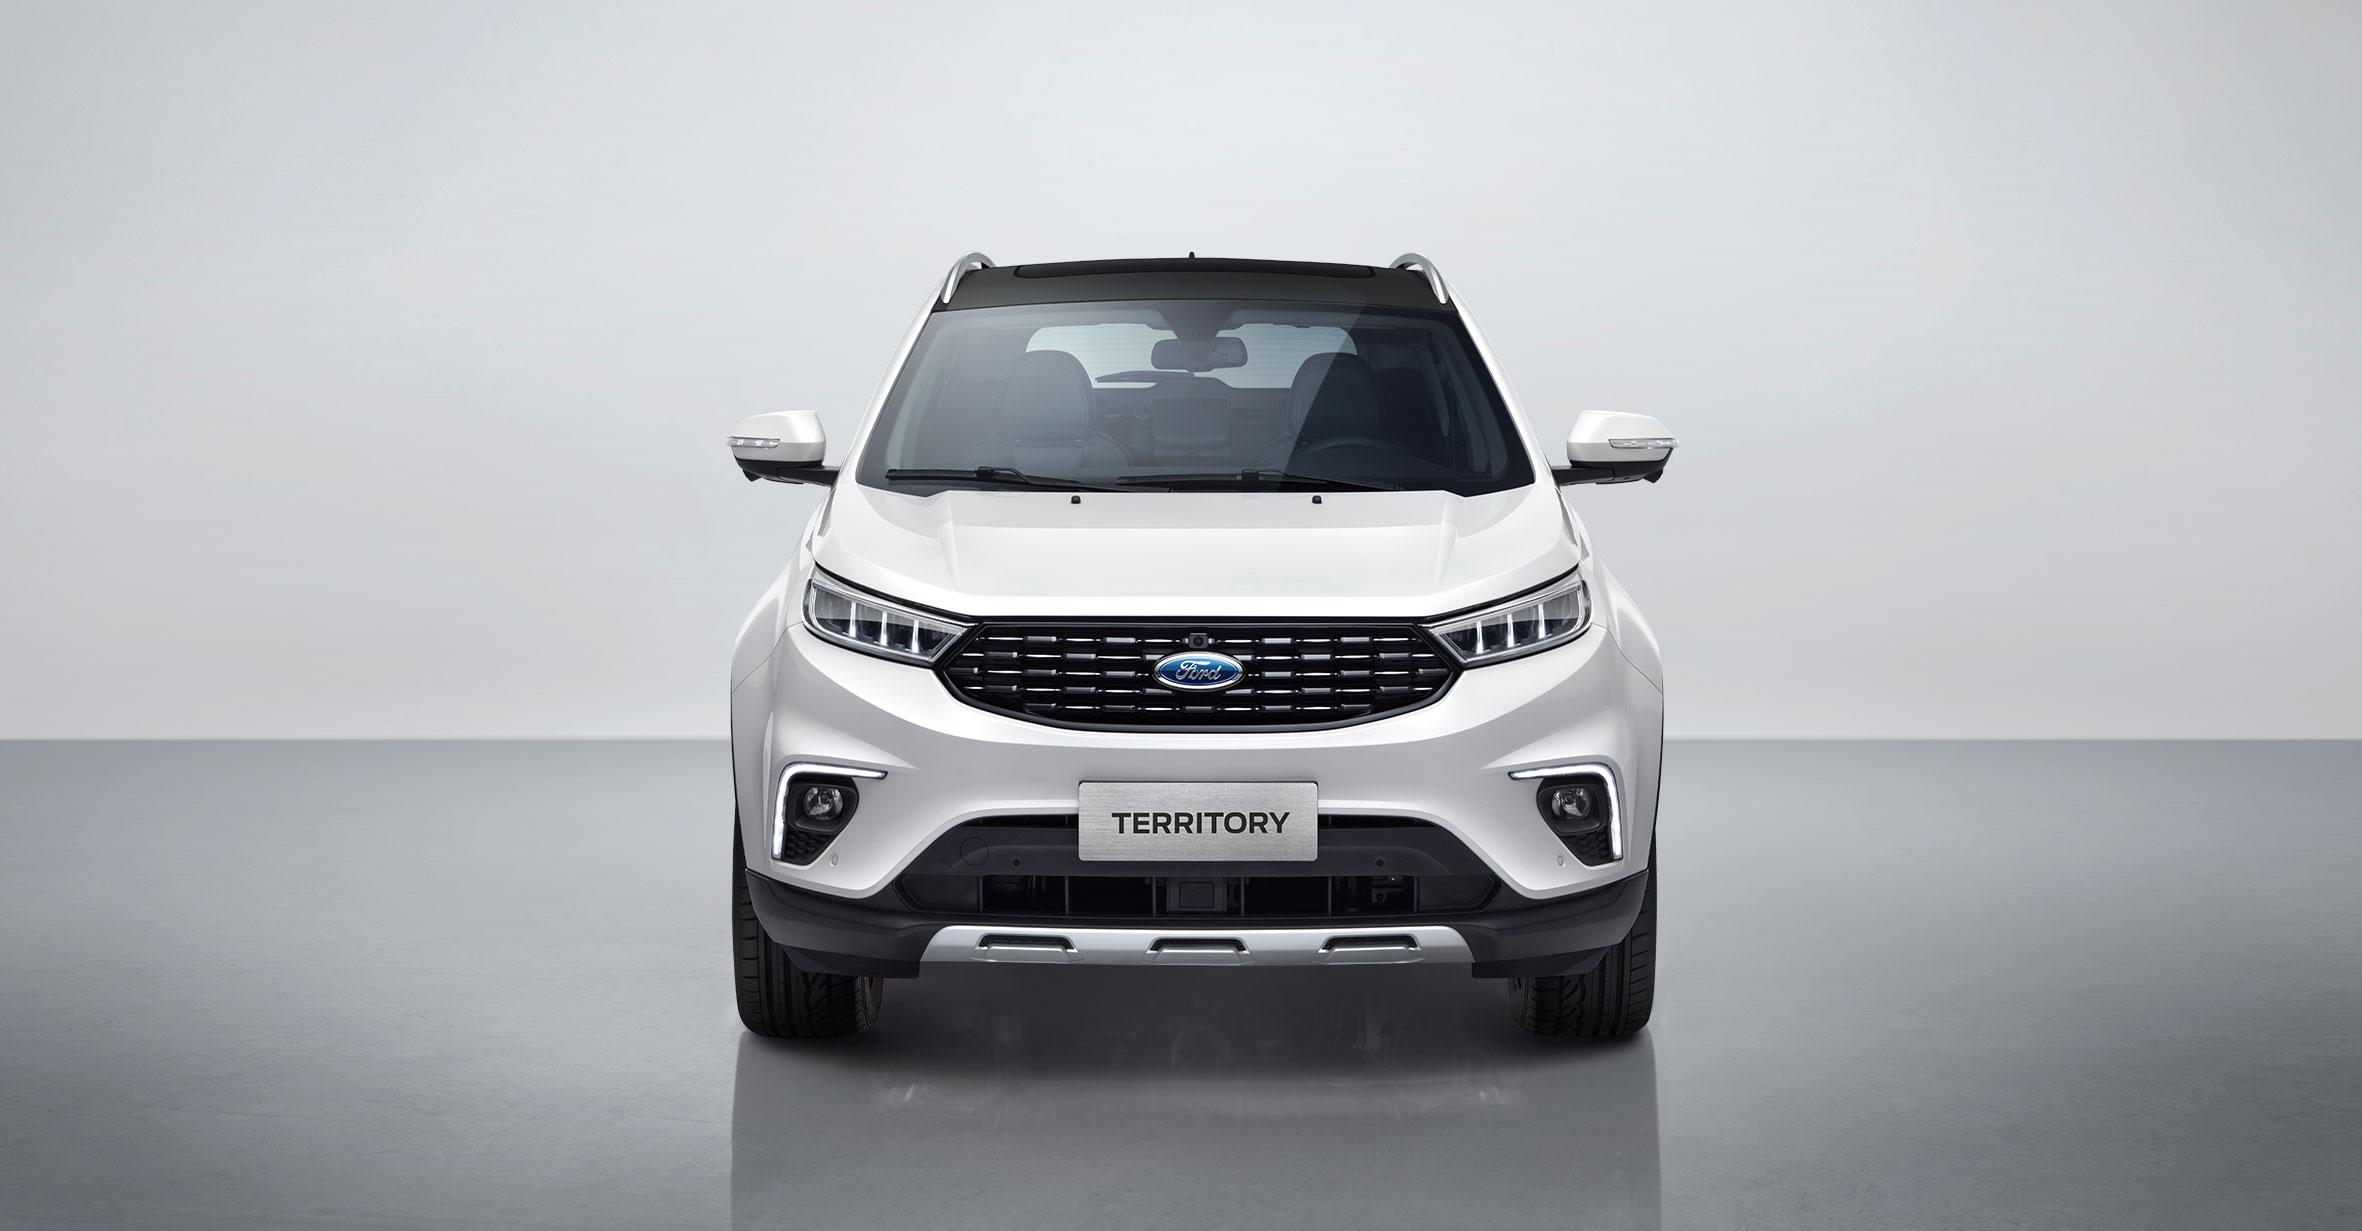 Ford Territory: Confort, tecnología y seguridad